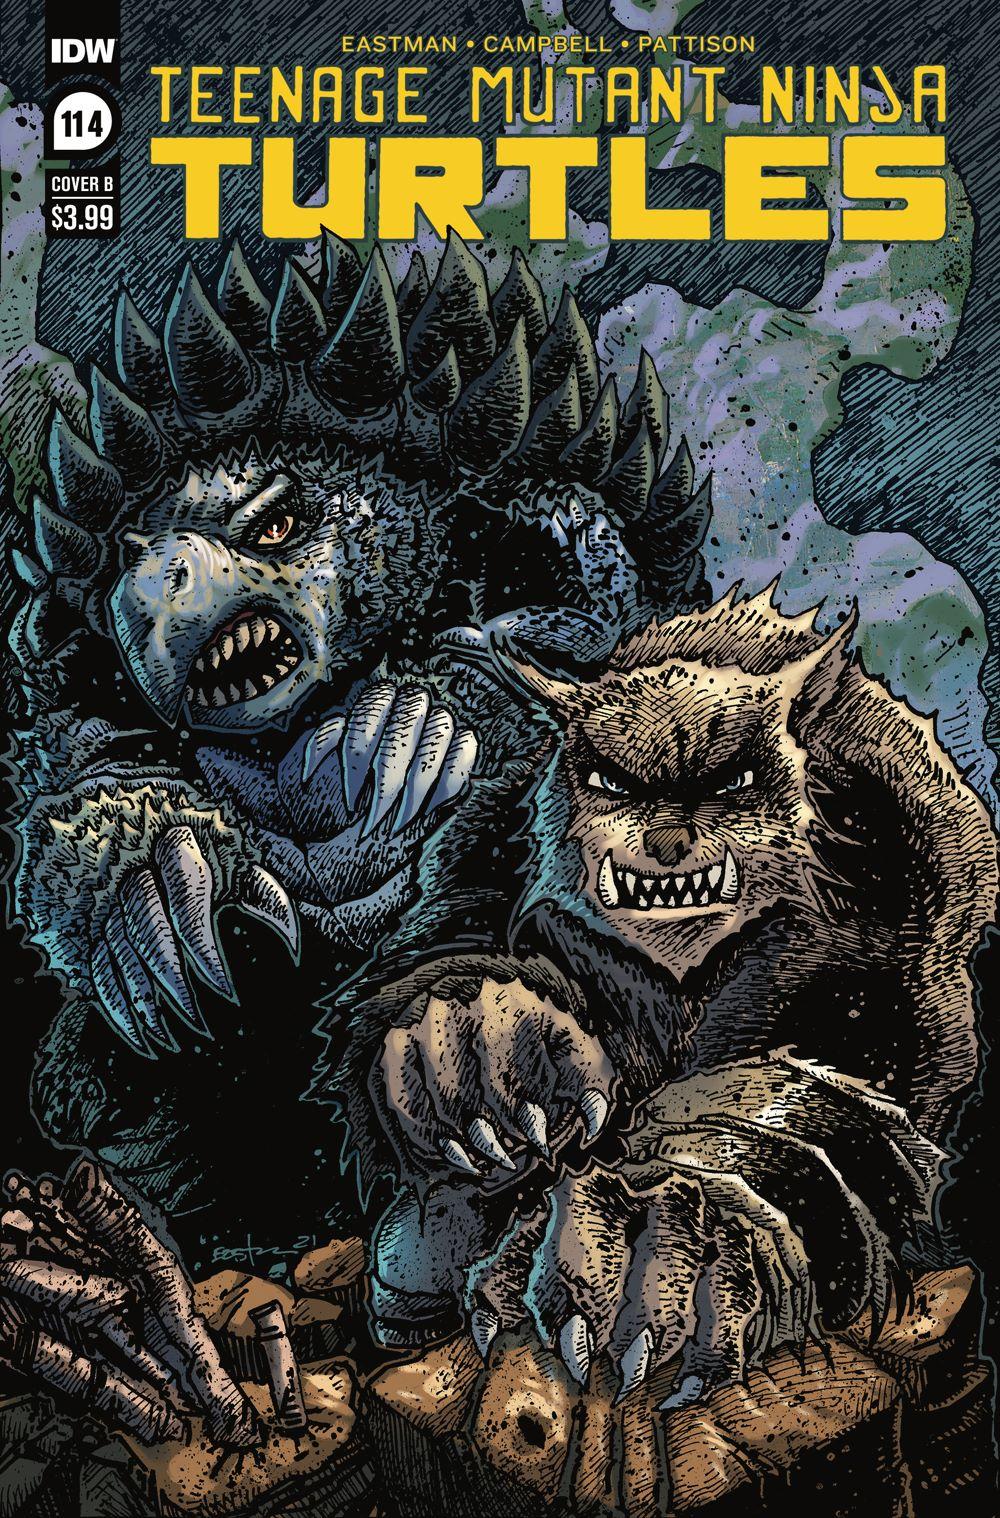 TMNT114_cvrB ComicList Previews: TEENAGE MUTANT NINJA TURTLES #114